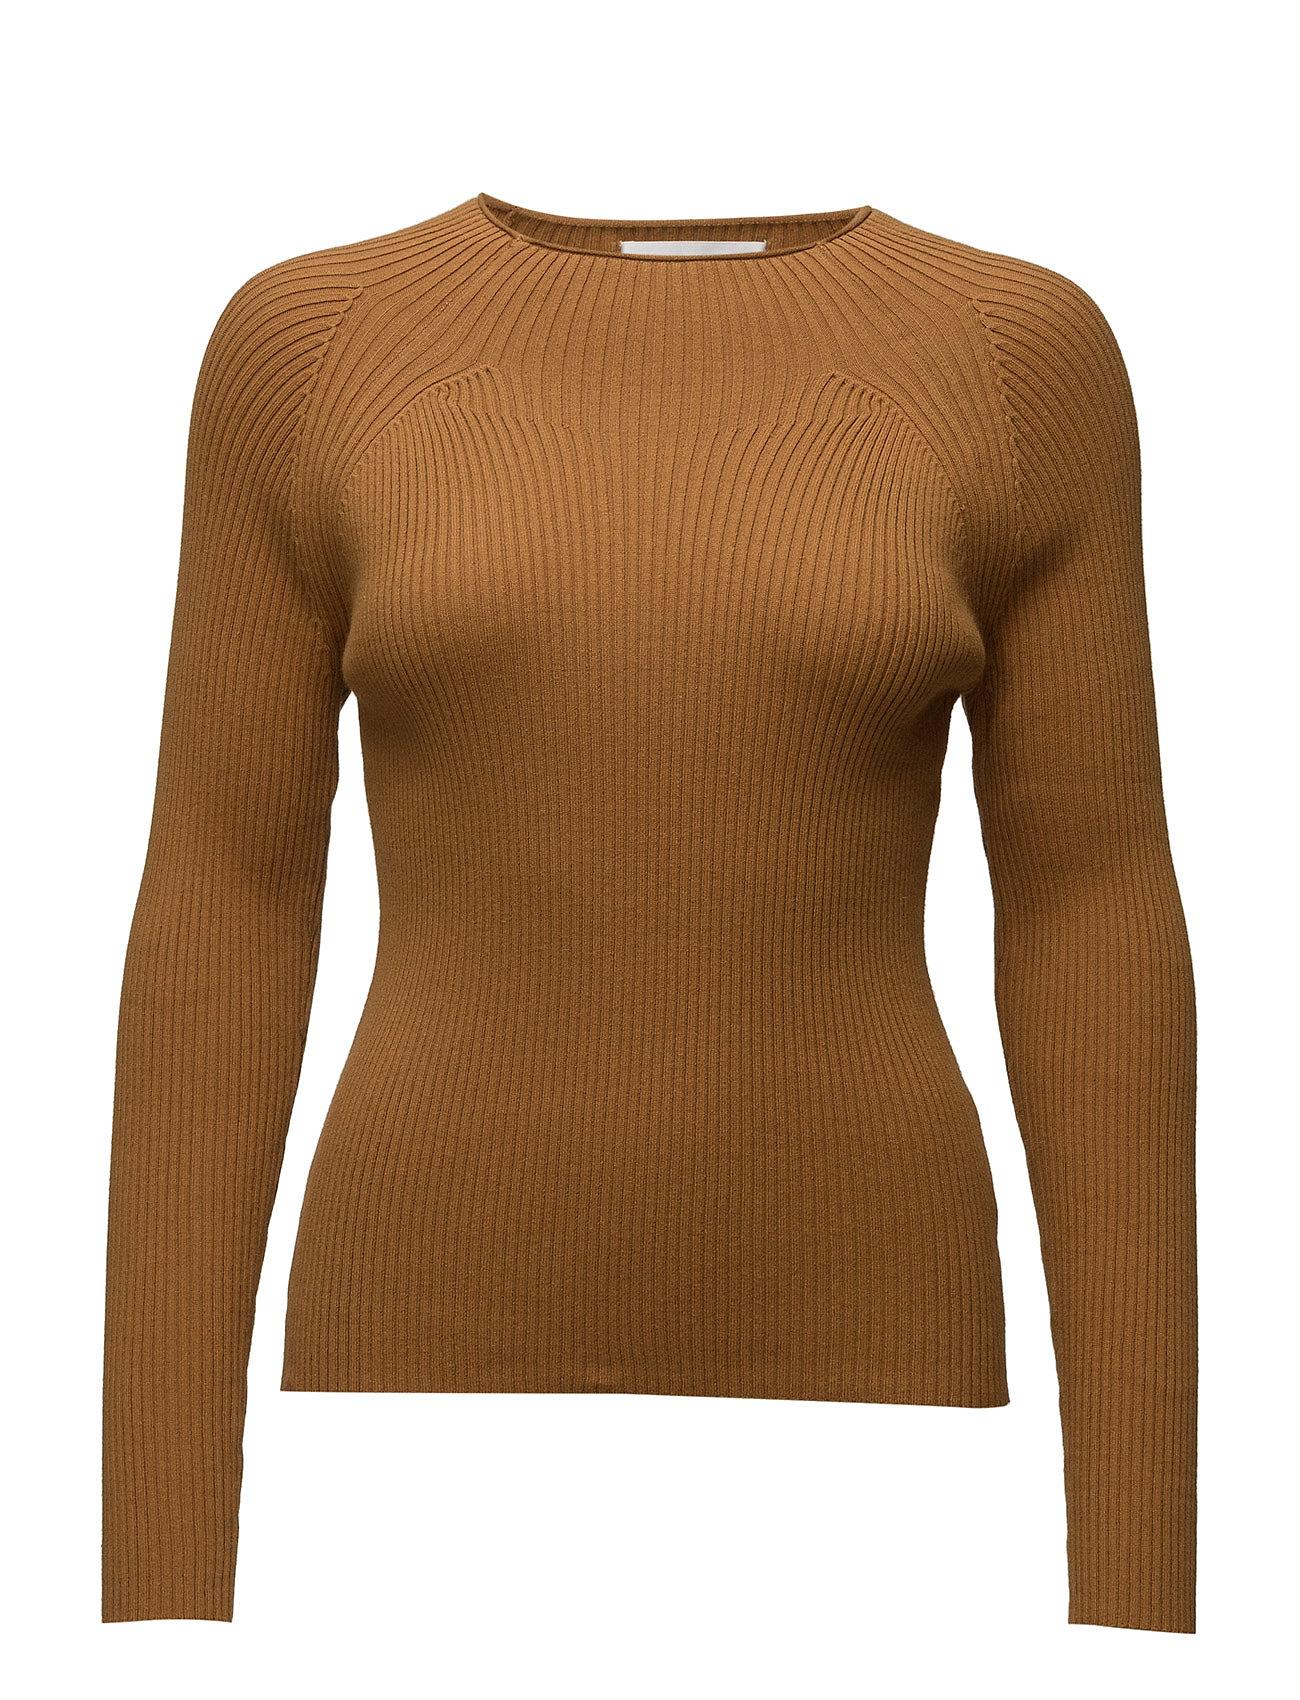 Vega Won Hundred Sweatshirts til Kvinder i Russet Brown